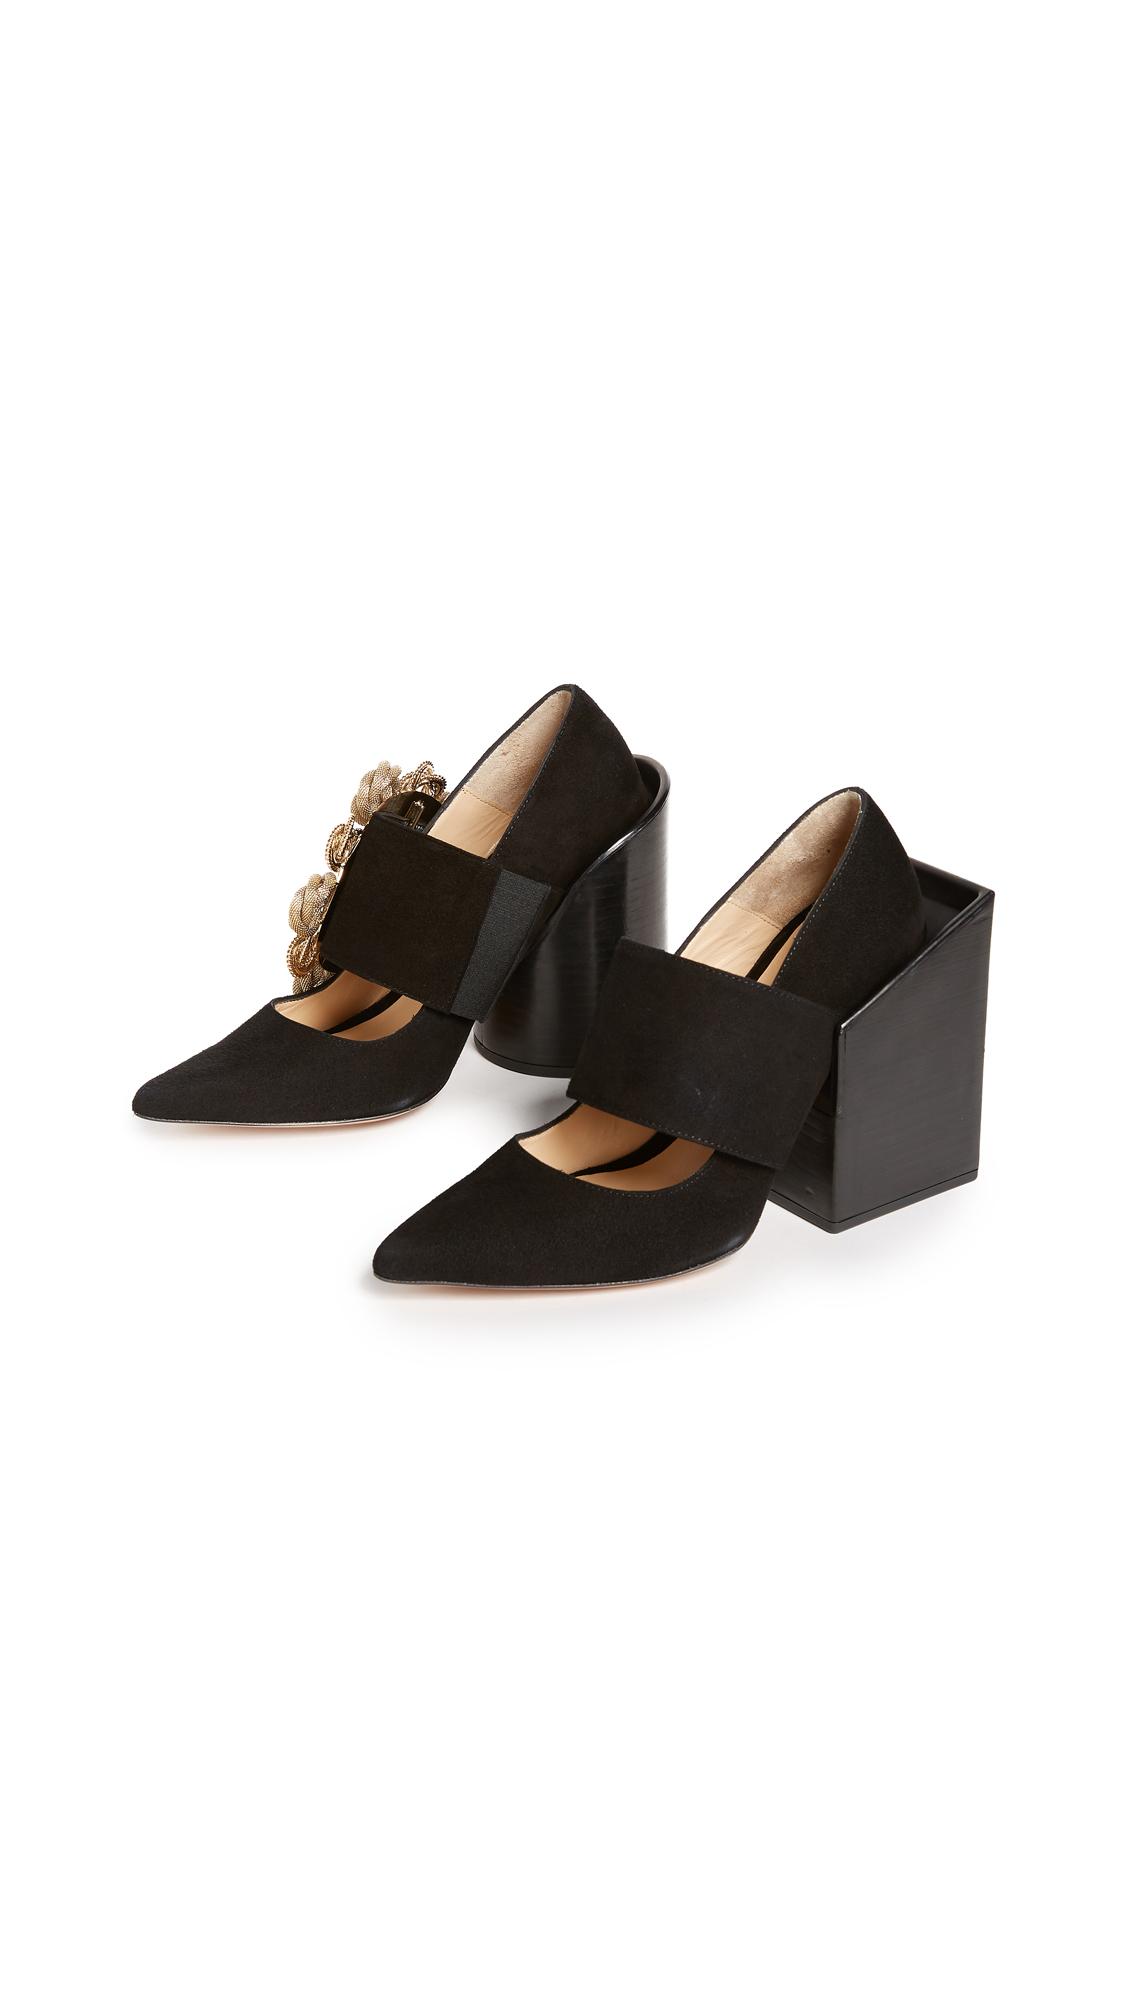 Jacquemus Les Chaussures Boucle Pumps - Black/Black